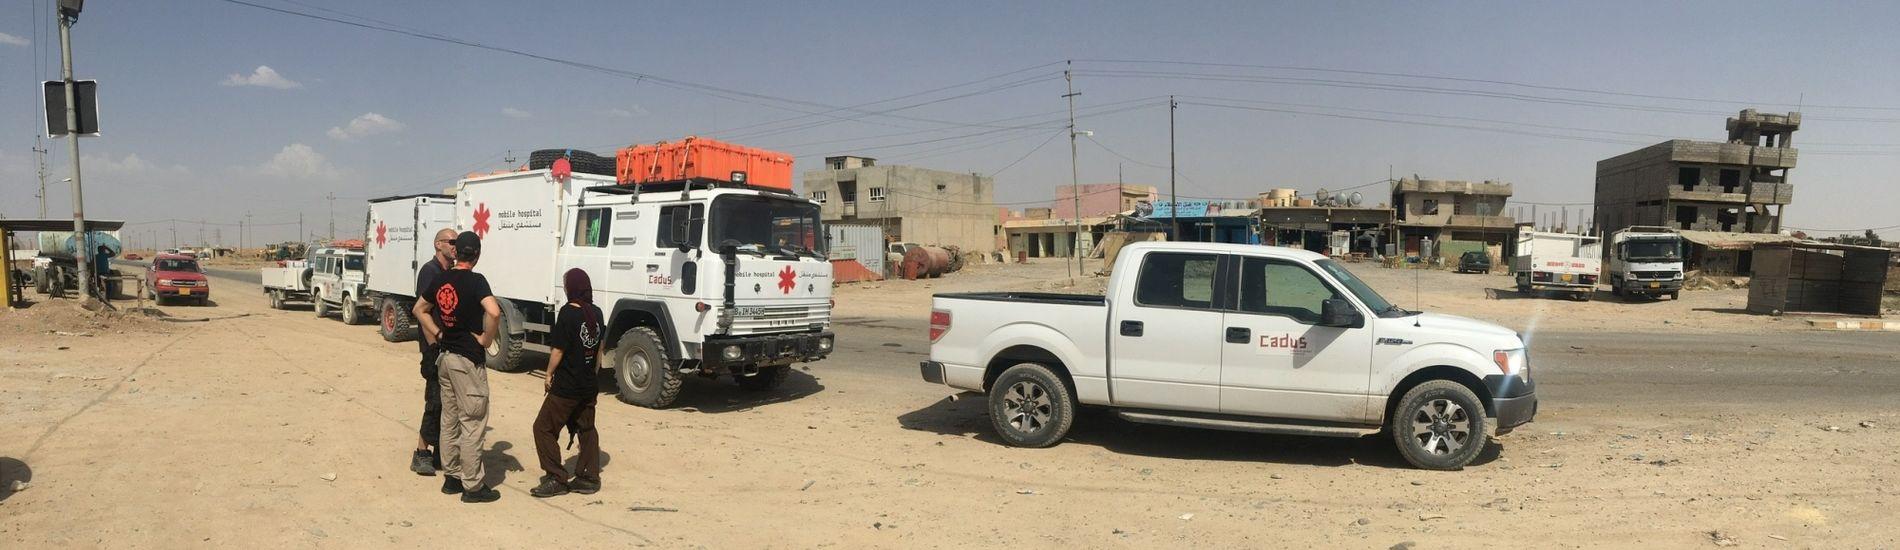 CADUS in Iraq